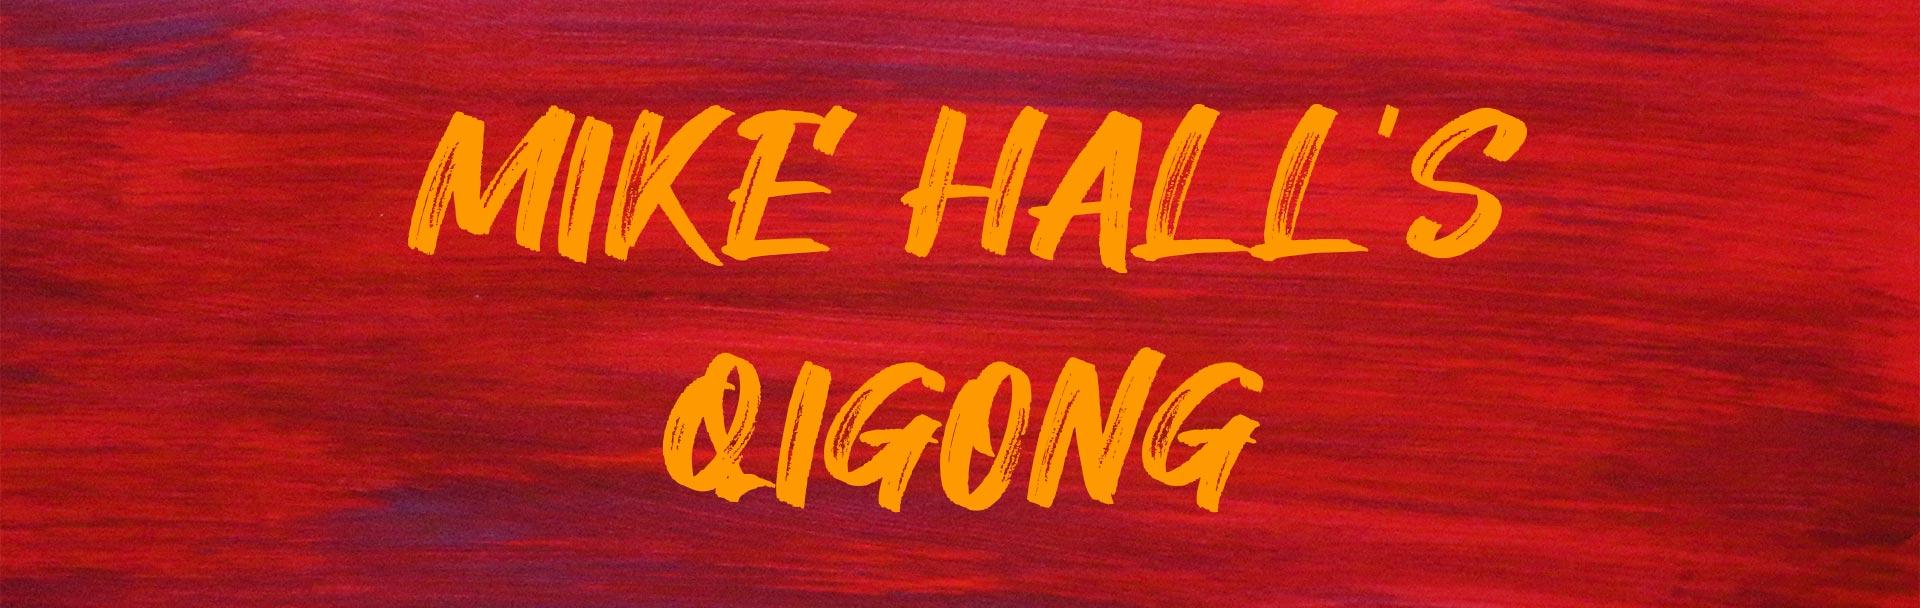 mike hall leads a qigong class at the sir arthur conan doyle centre